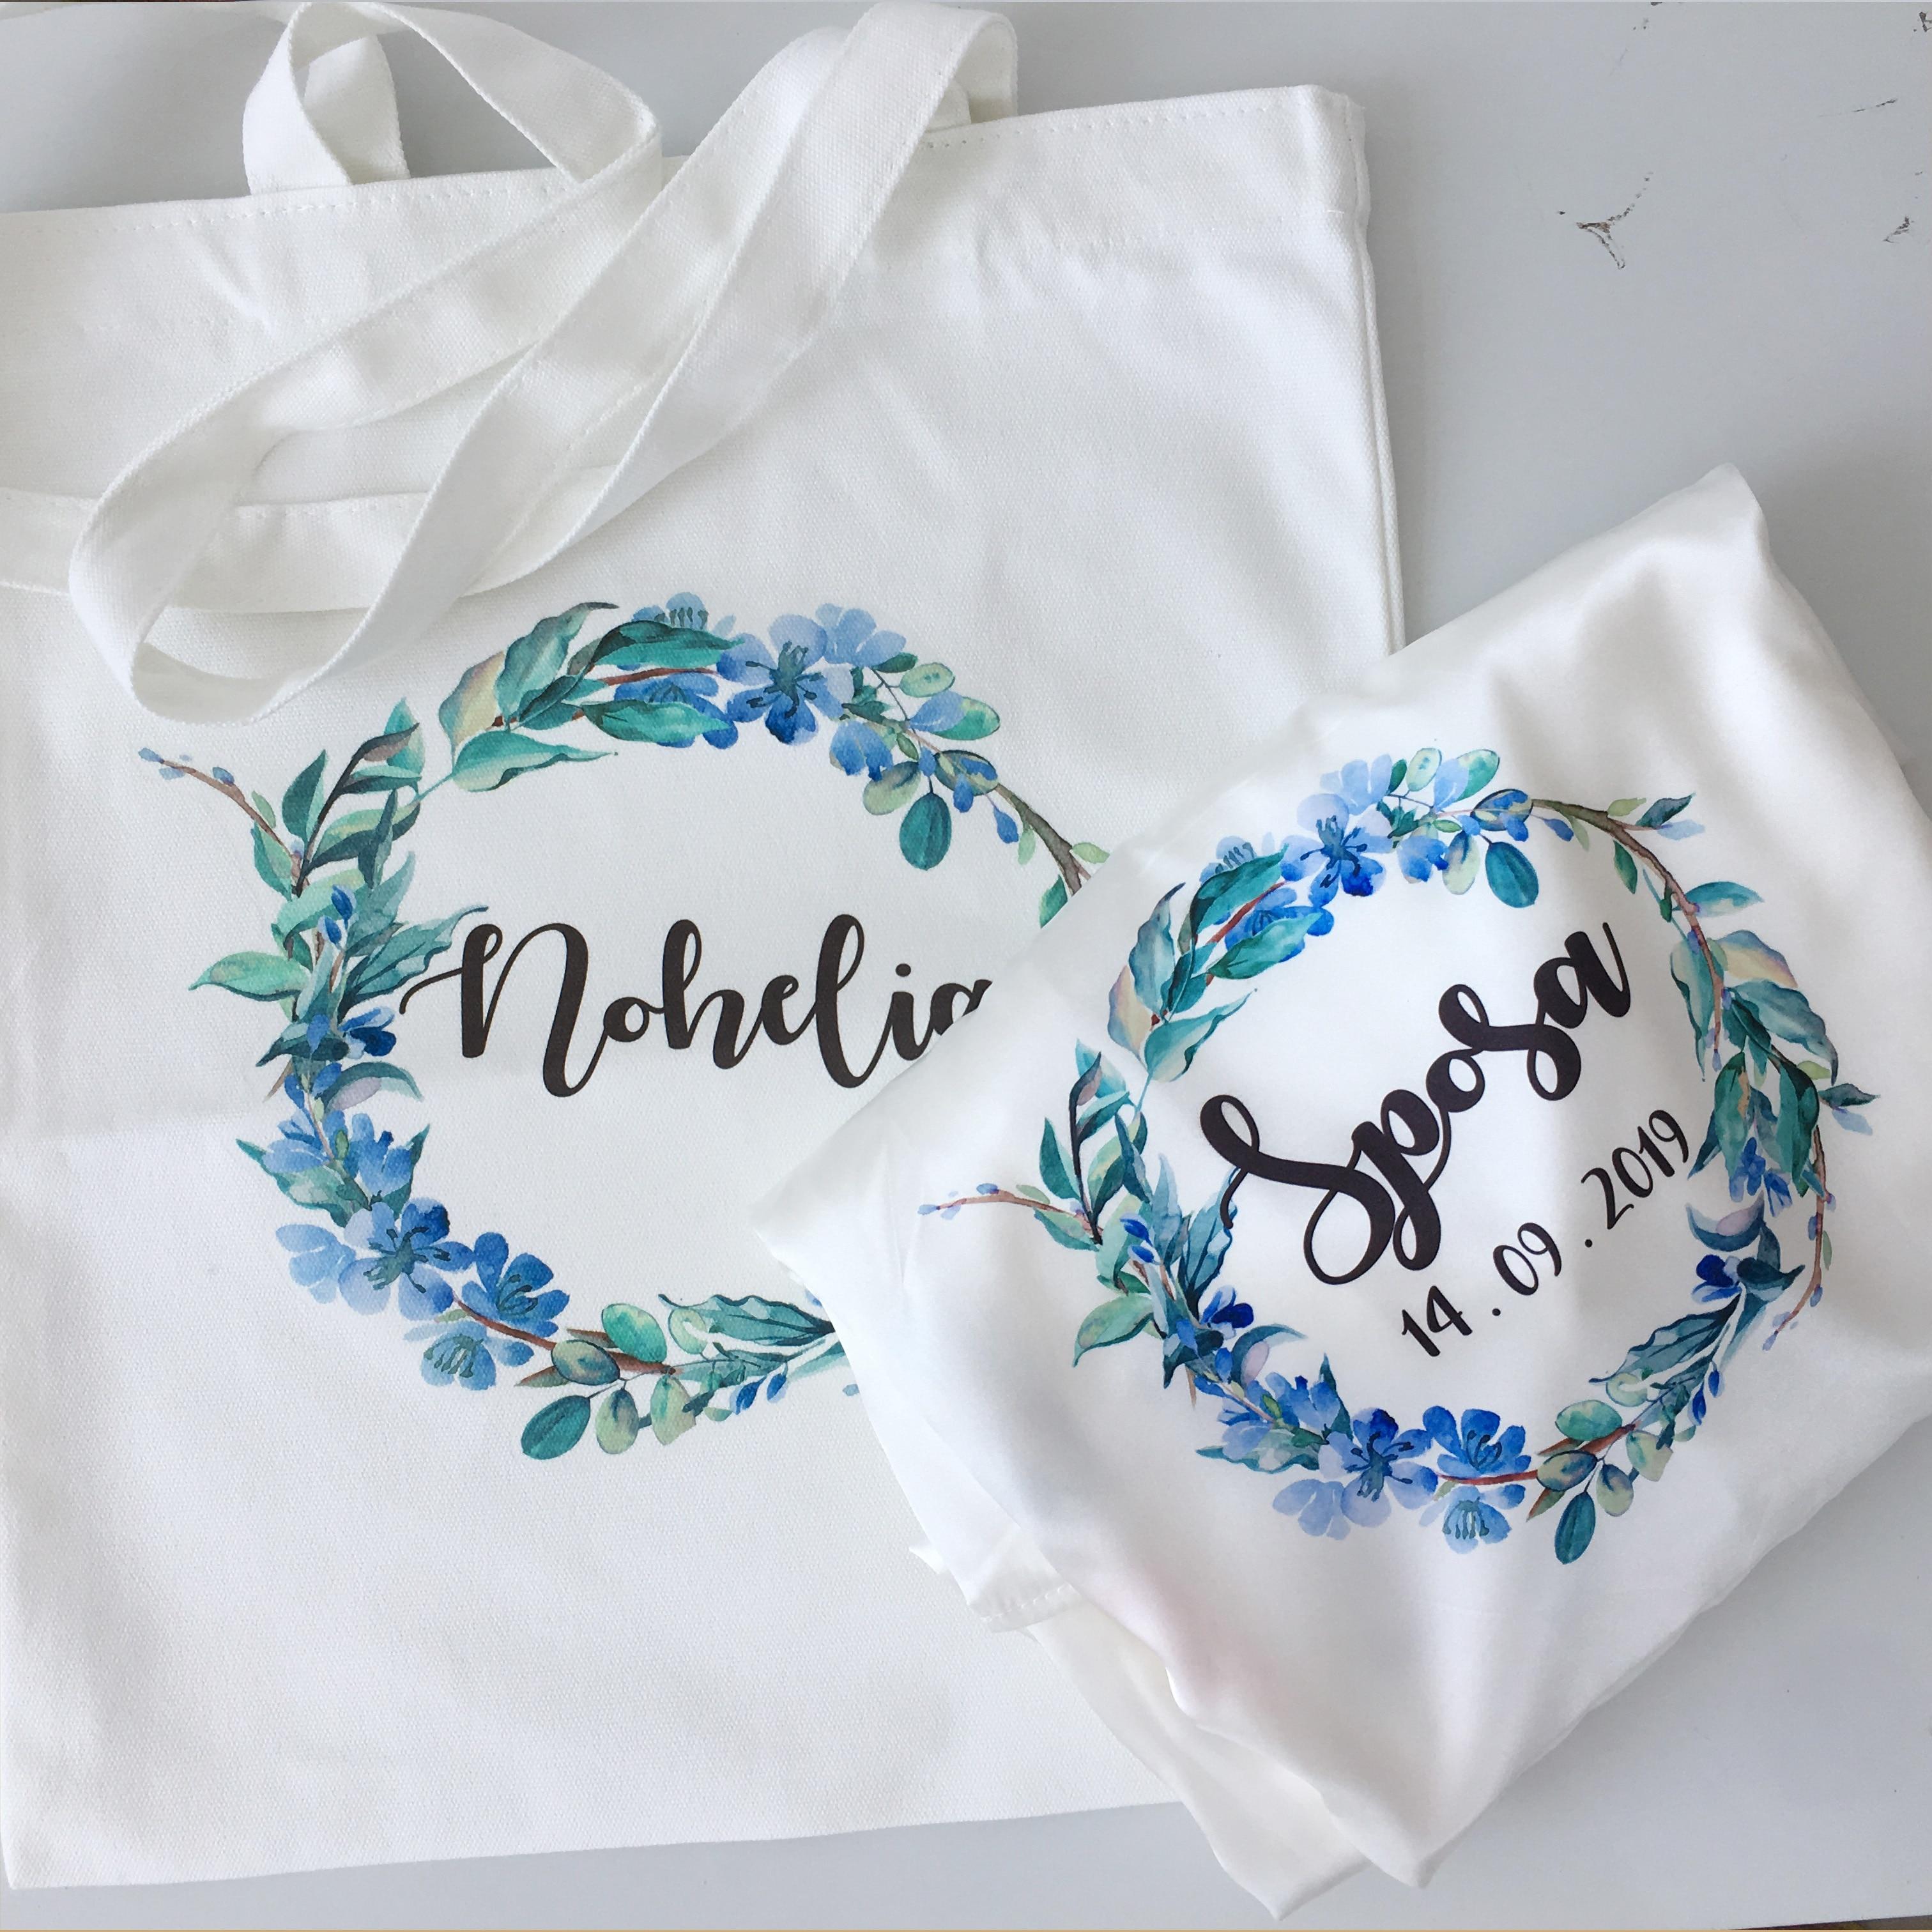 5 stücke individuelles logo Hochzeit bachelorette party geschenke Team Braut zu werden Personalisierte leinwand taschen brautjungfer geschenk tasche-in Party-Geschenke aus Heim und Garten bei  Gruppe 3